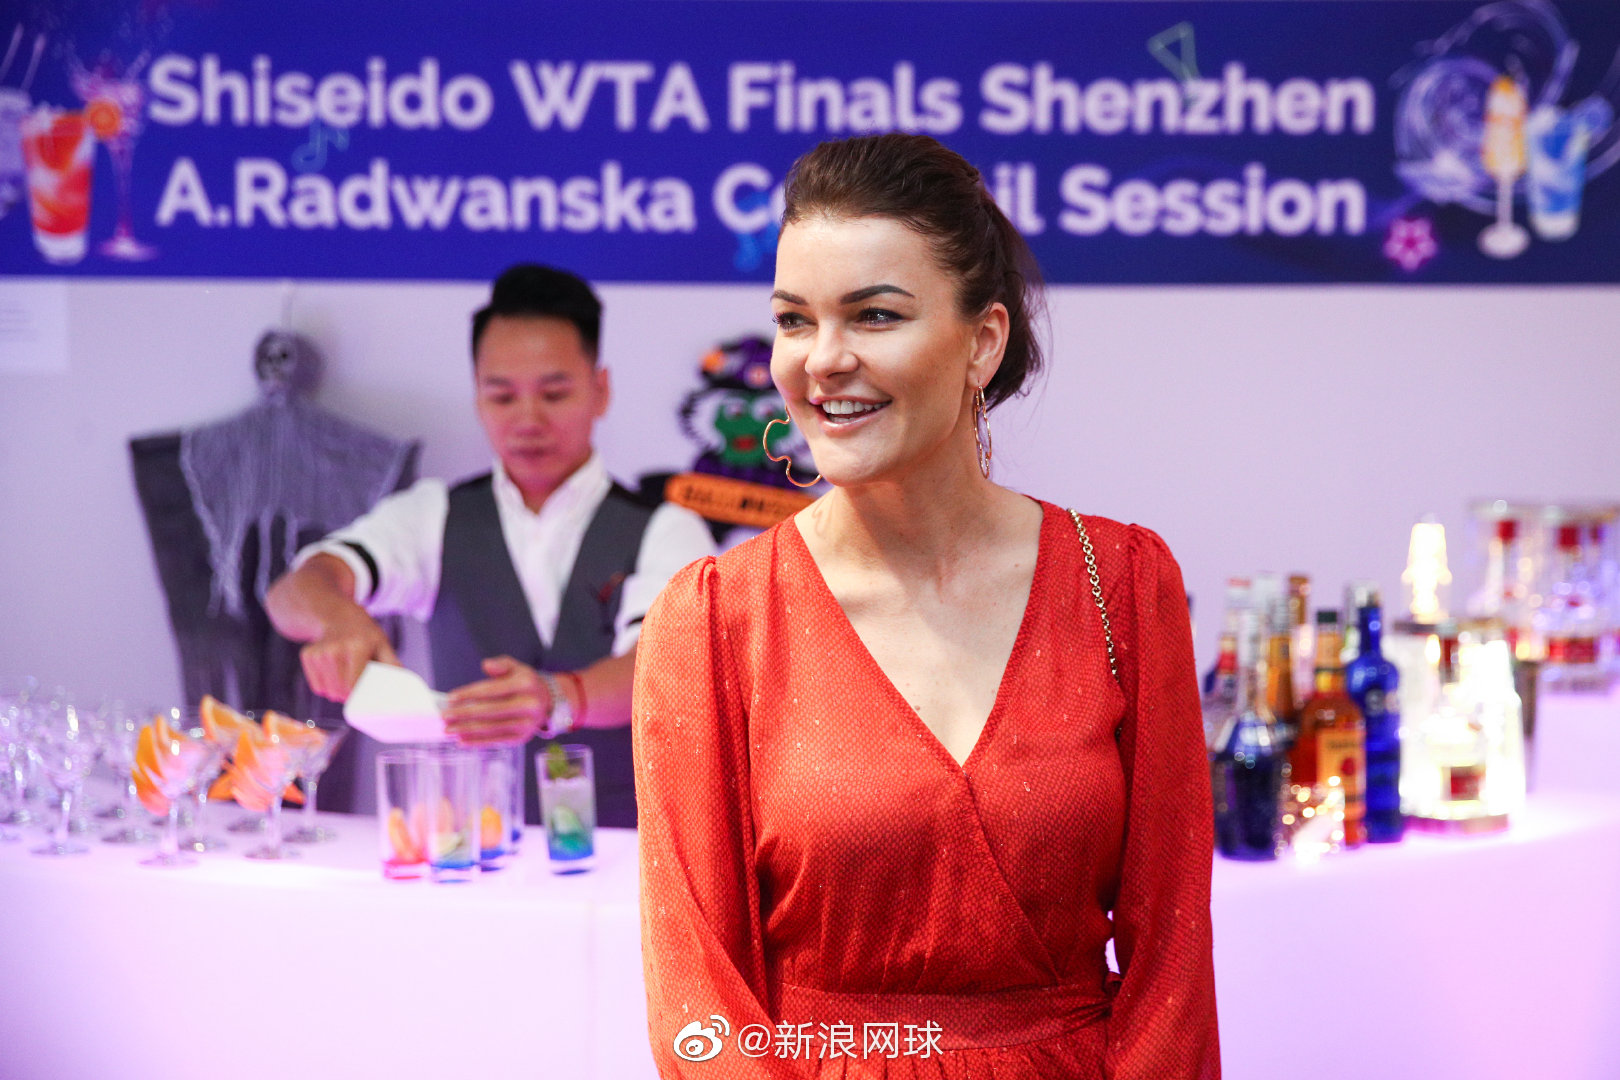 深圳总决赛,A-拉德万斯卡出席粉丝见面会: